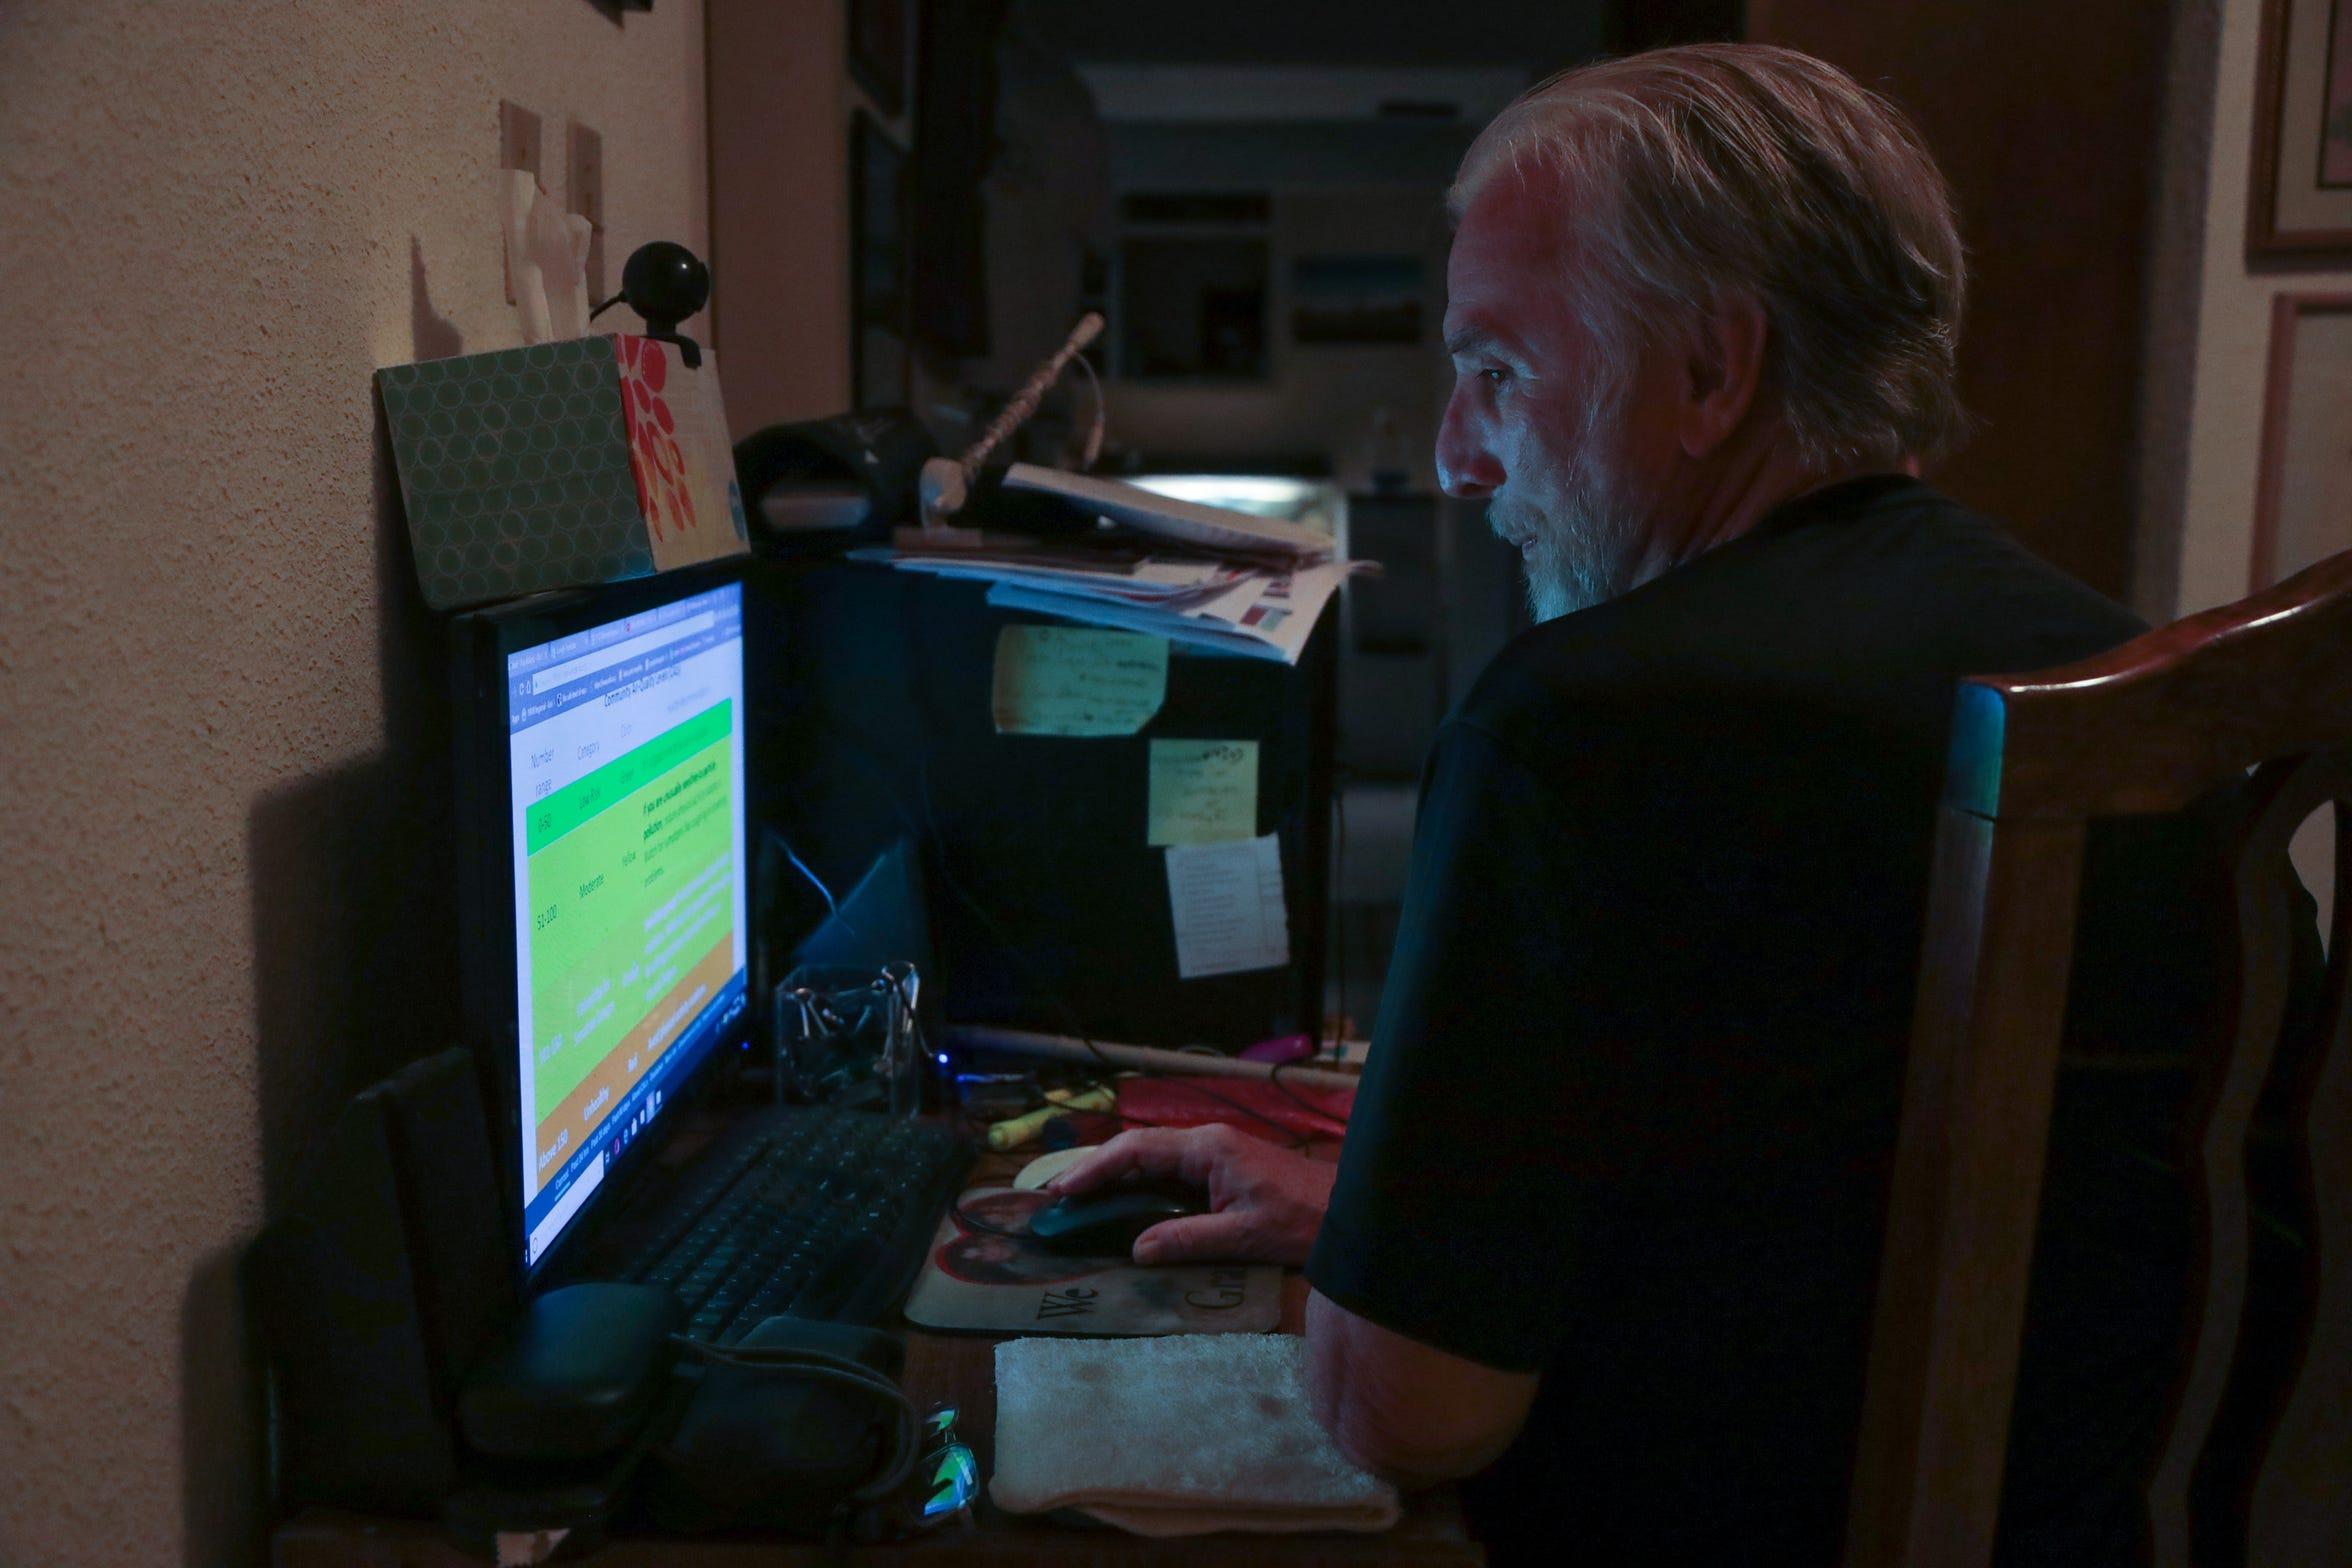 Ray Askins, activista ambiental, verifica las lecturas actuales del monitor de aire en su casa en Mexicali, México, el 19 de septiembre del 2018. El monitor de aire está instalado en su techo.